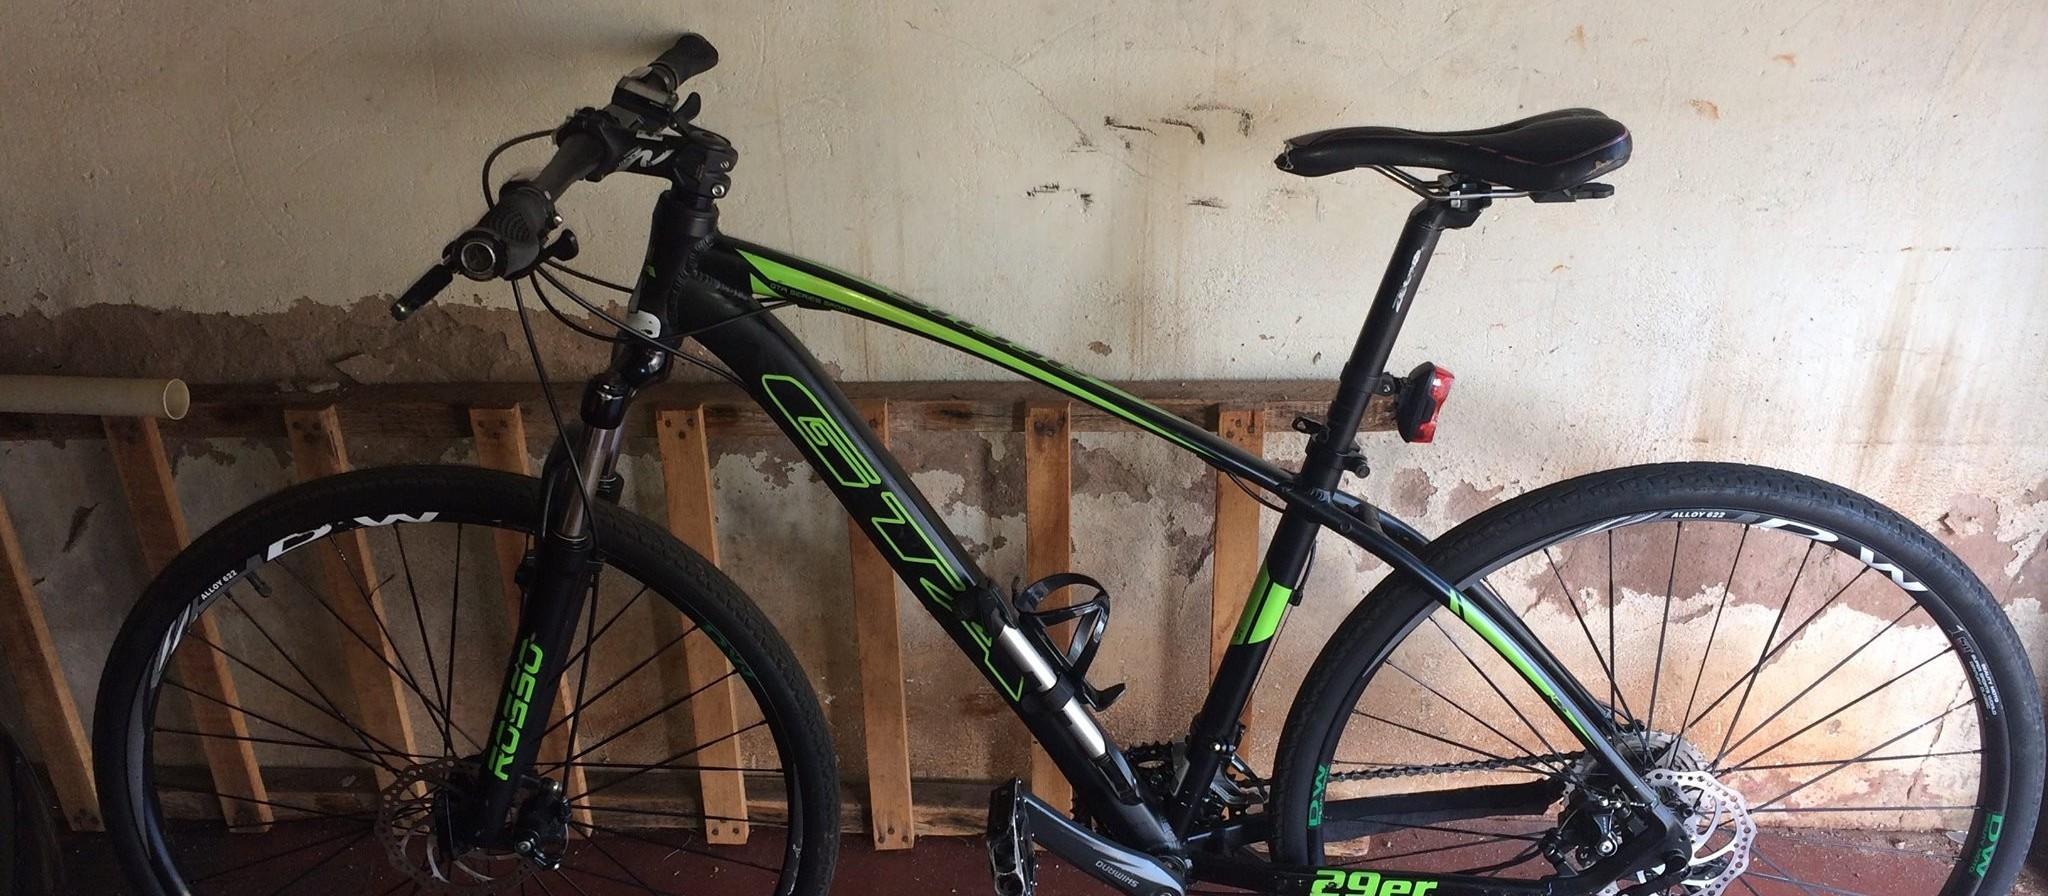 Polícia investiga roubo de bicicleta cometido por pelo menos 10 pessoas